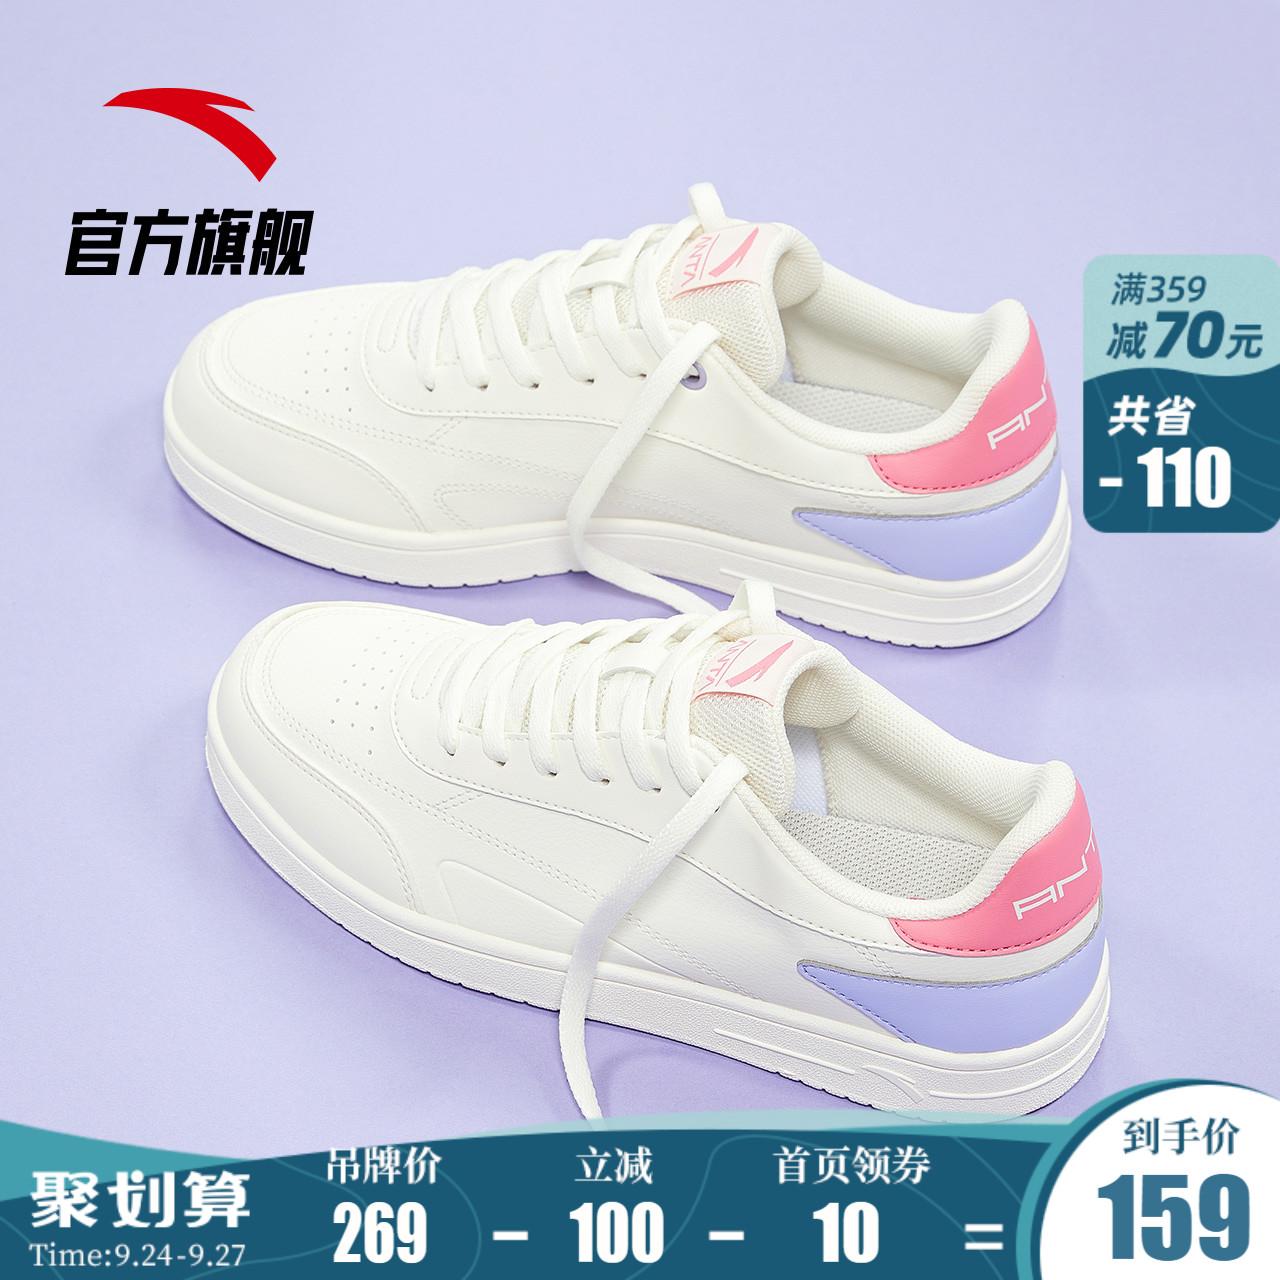 安踏官网旗舰女鞋小白鞋2020秋季新款鞋子潮休闲鞋轻便白色板鞋女